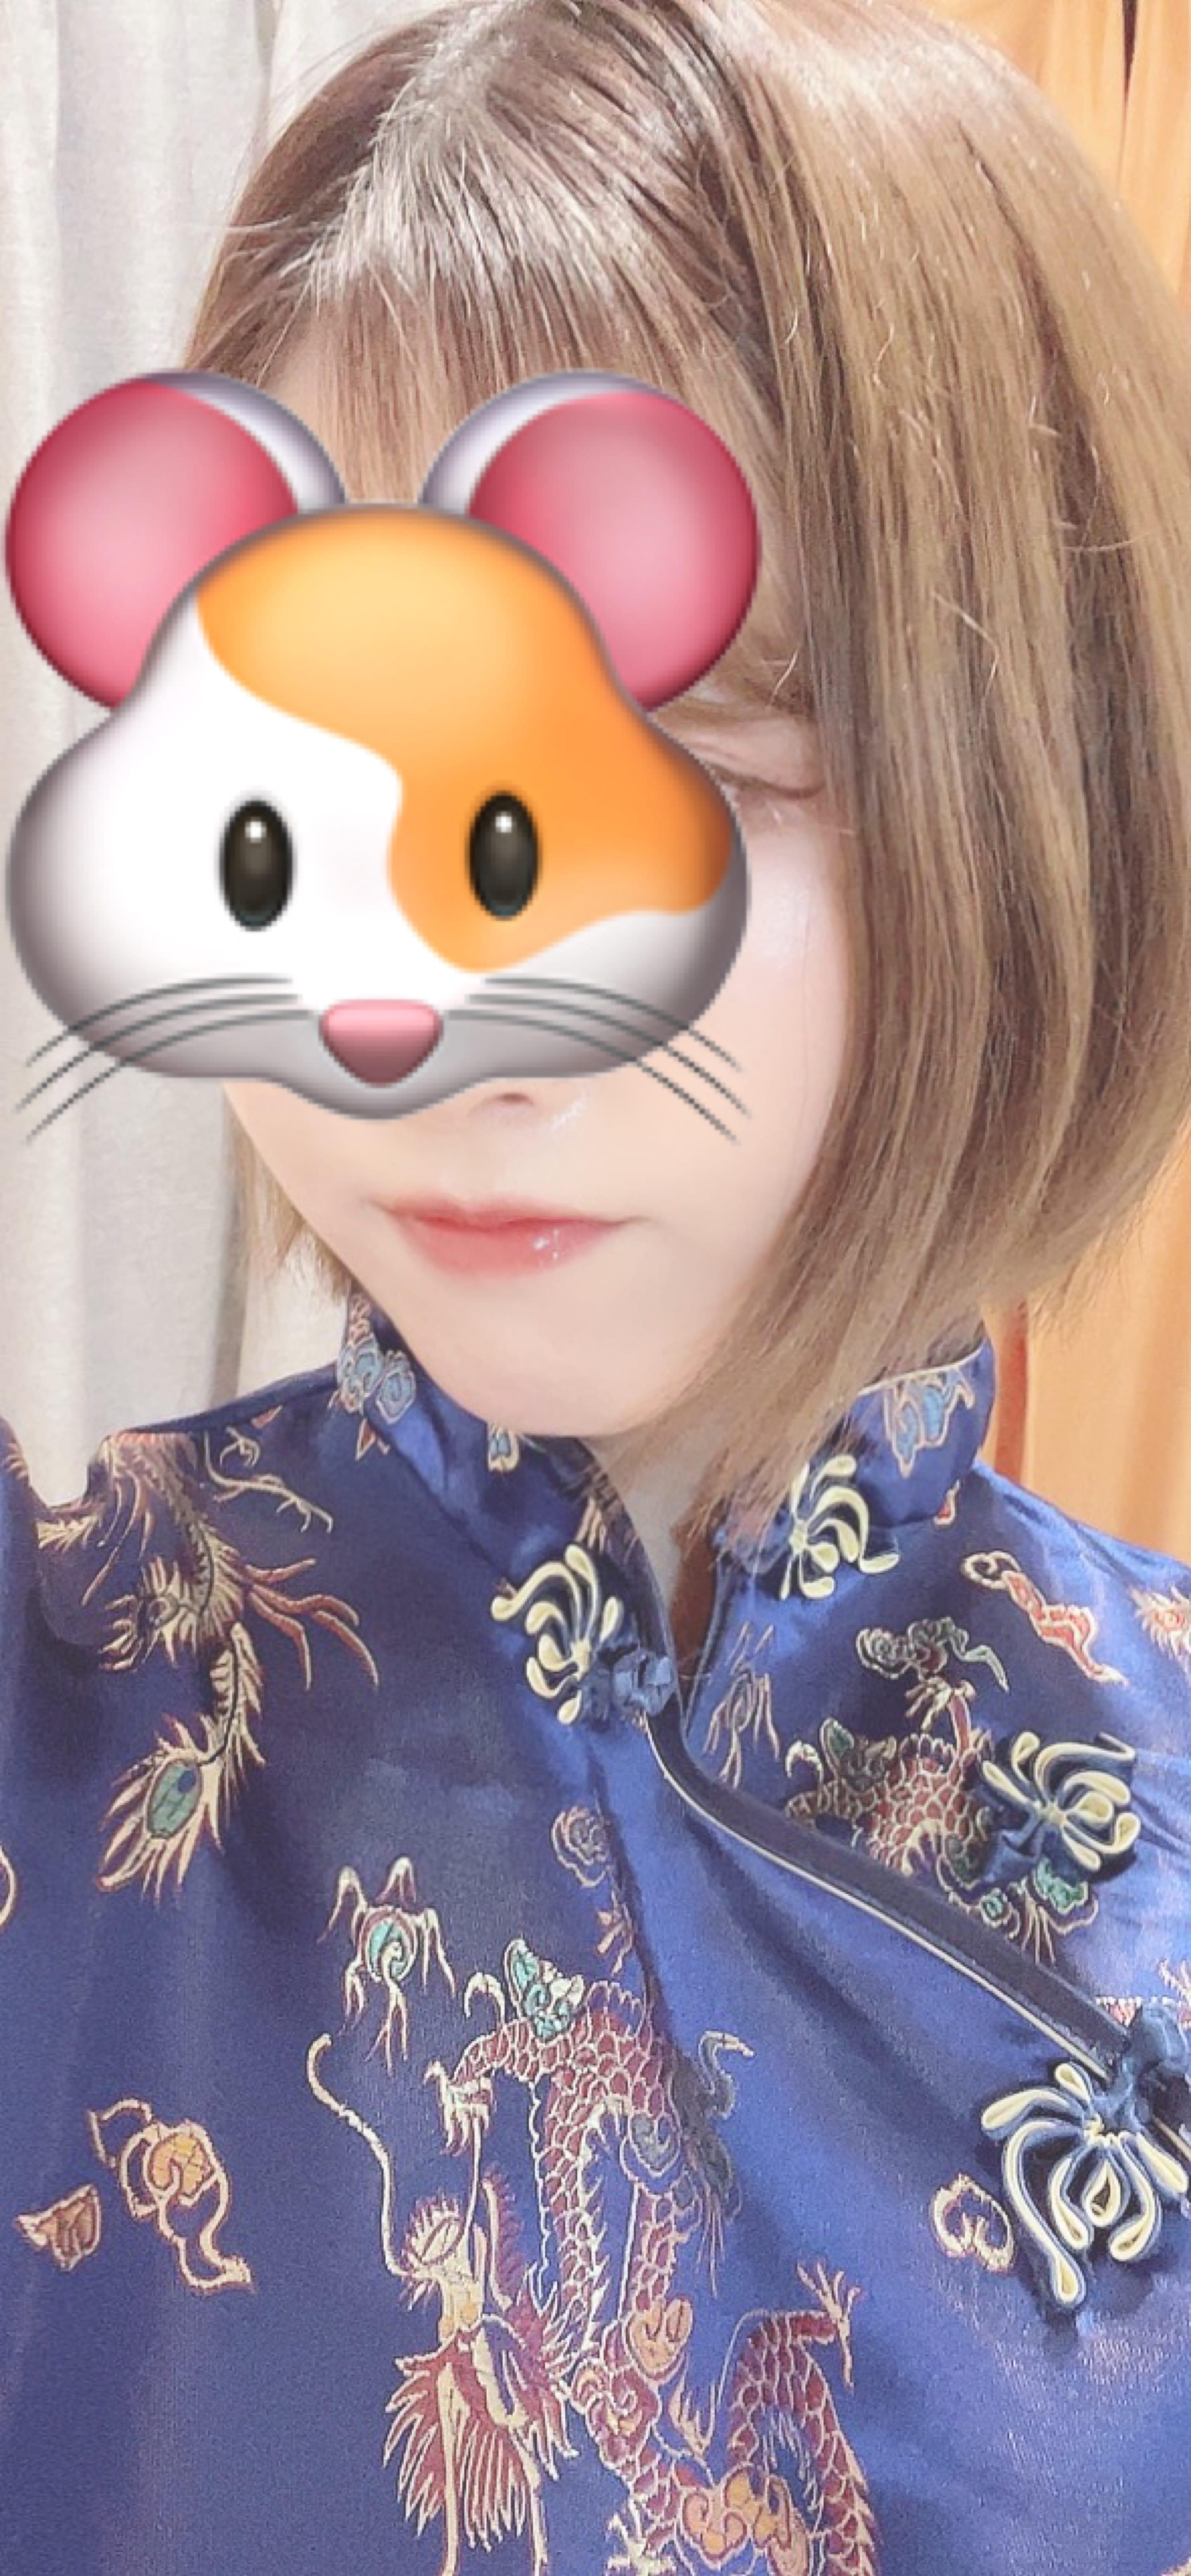 「お礼♡」04/21(水) 01:31 | 永岡めいの写メ・風俗動画